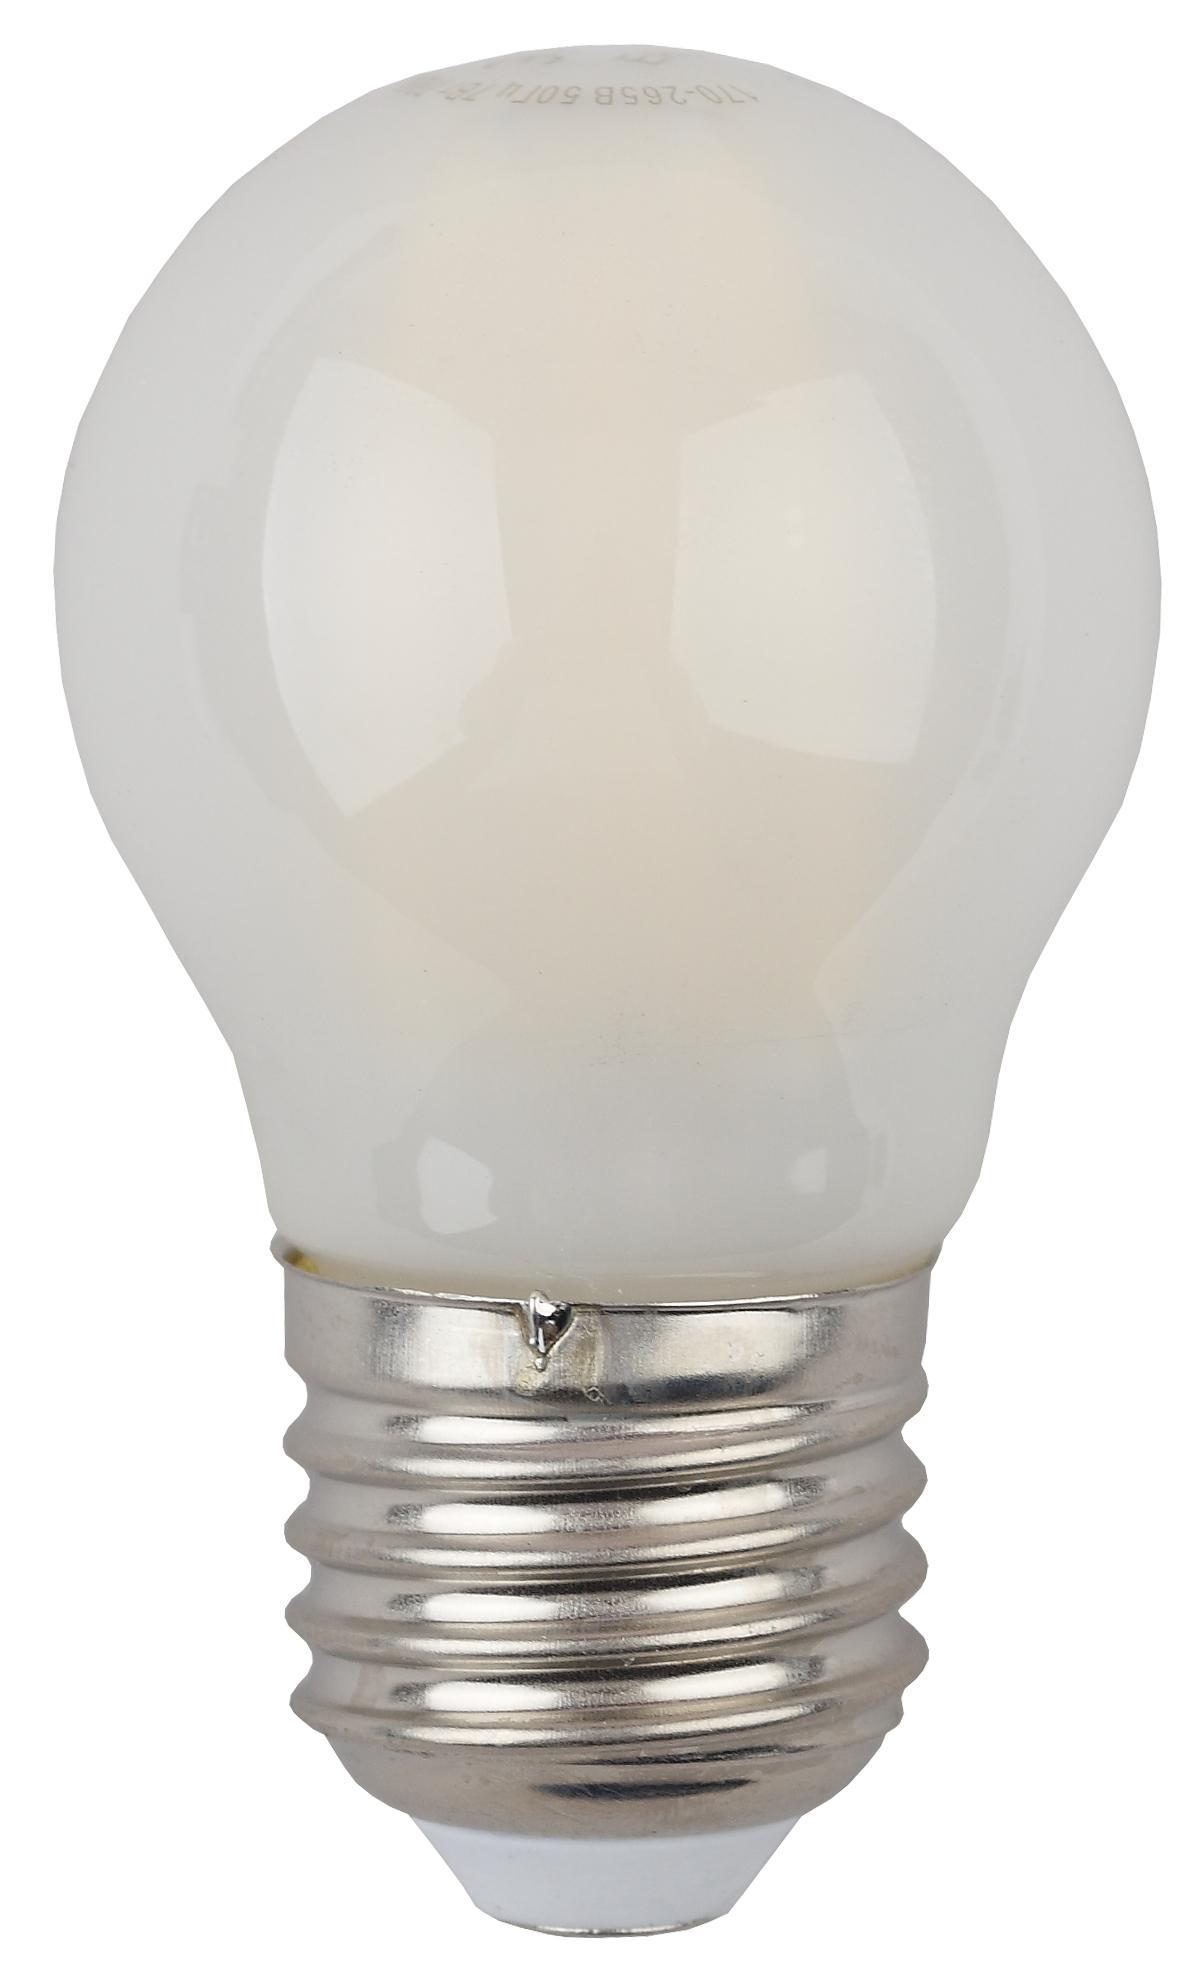 Лампа светодиодная ЭРА F-led p45-7w-840-e27 frozed